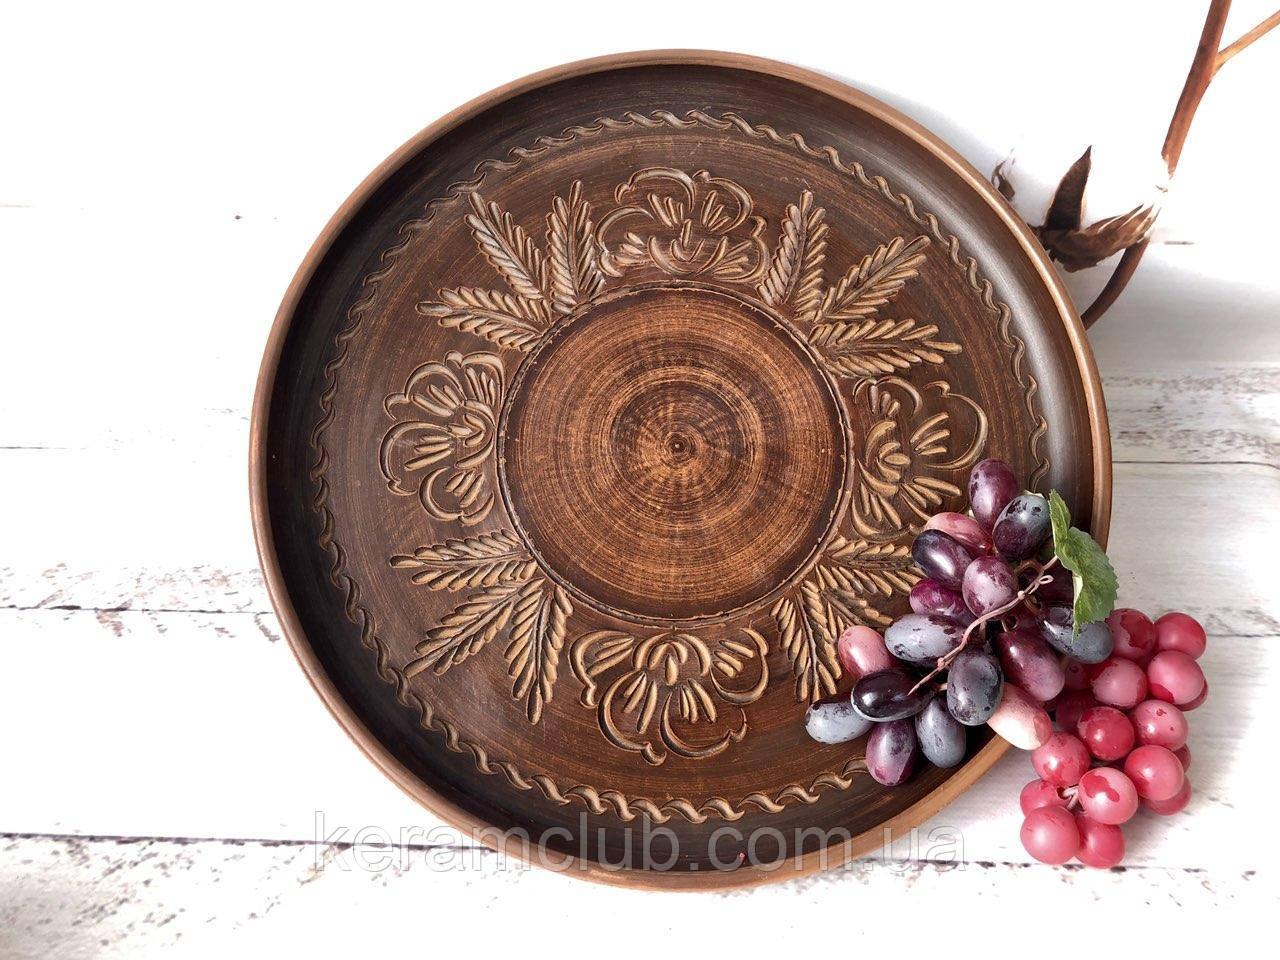 Керамическое блюдо из глины 37 см